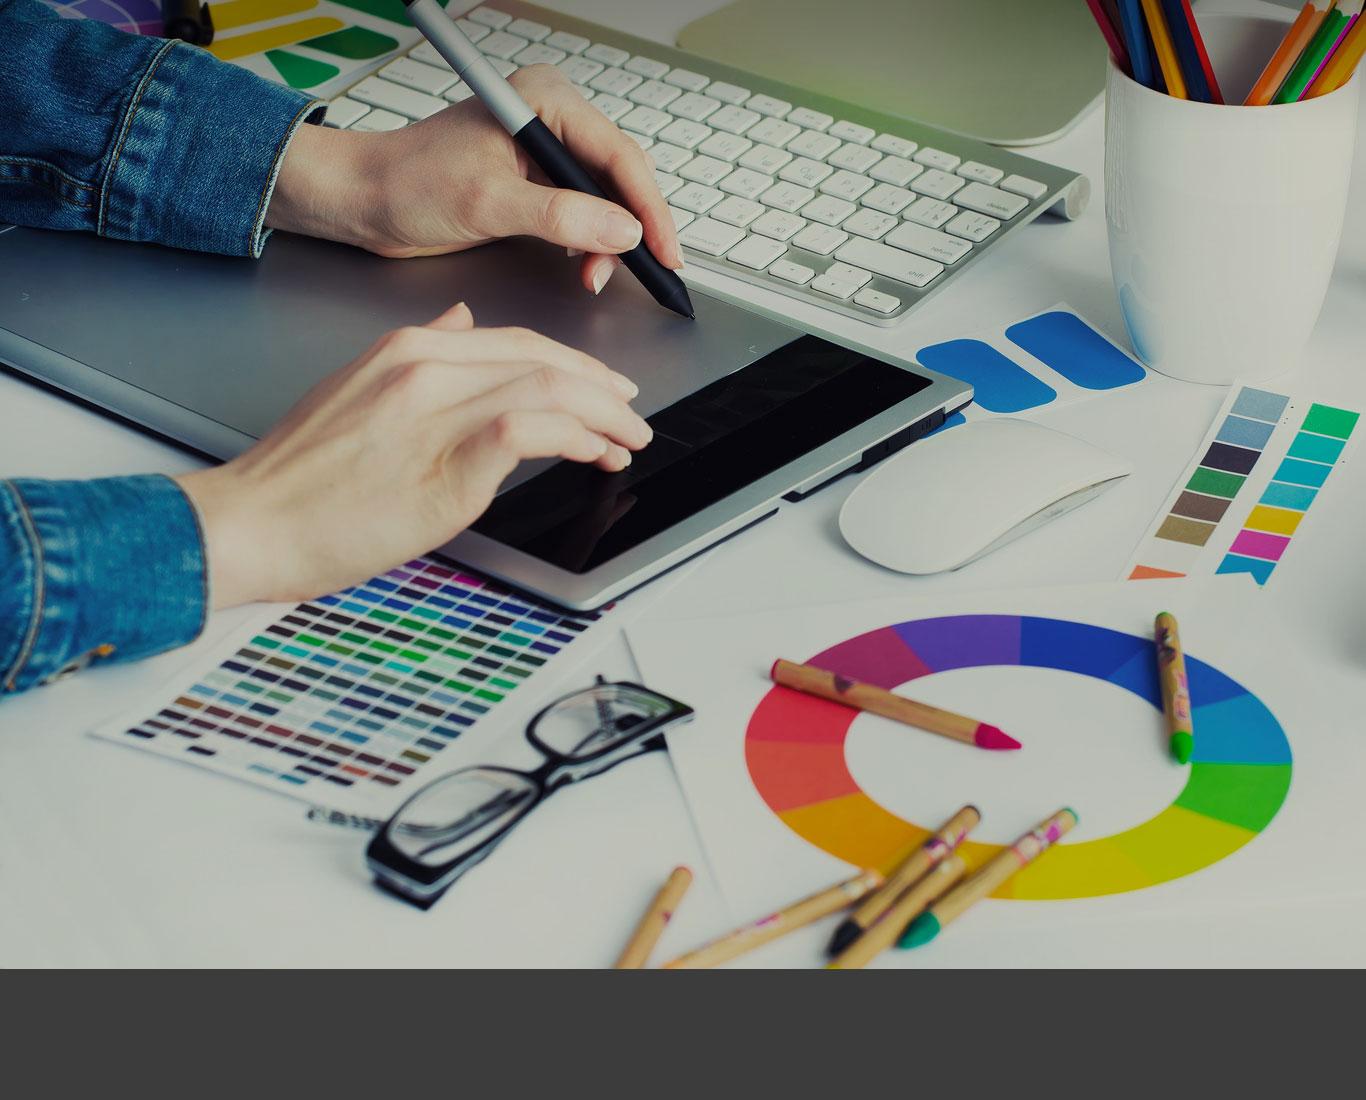 le guide pour bien choisir votre graphiste freelance le site caps entreprise. Black Bedroom Furniture Sets. Home Design Ideas